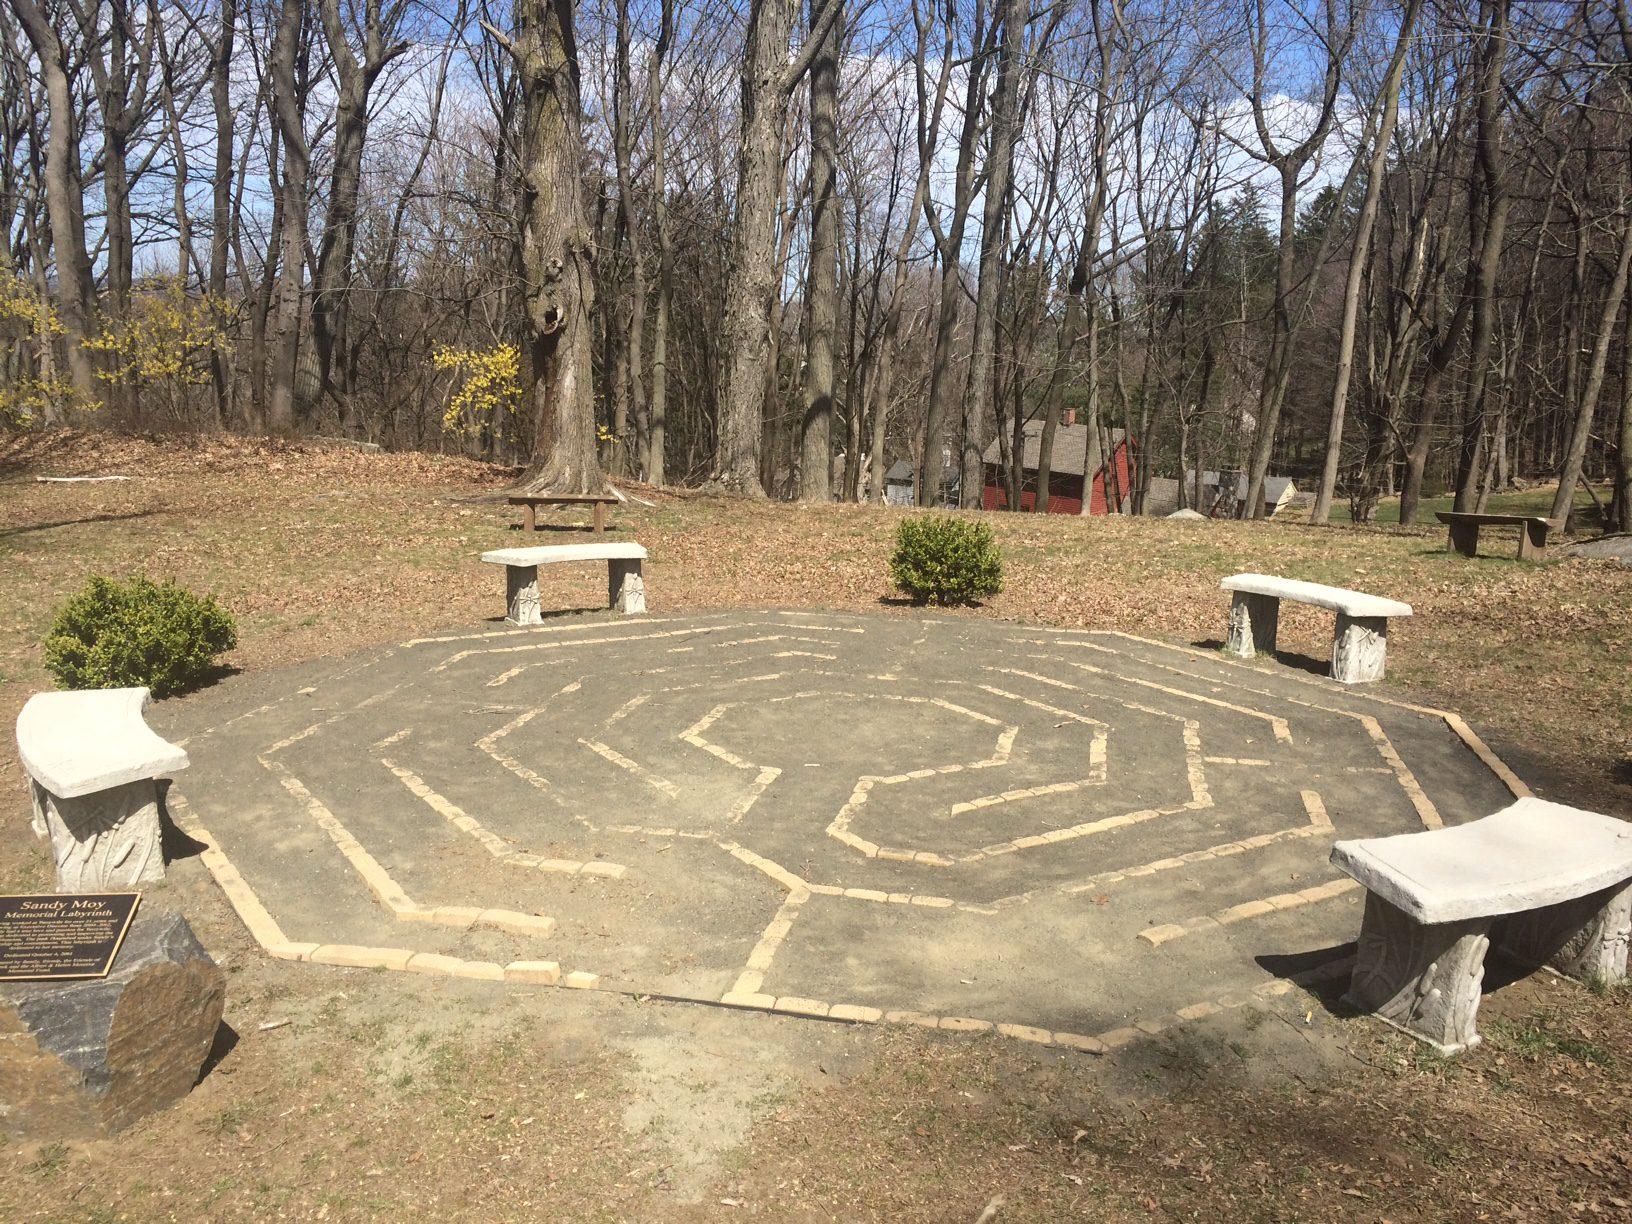 Sandy Moy Memorial Labyrinth missing a few bricks